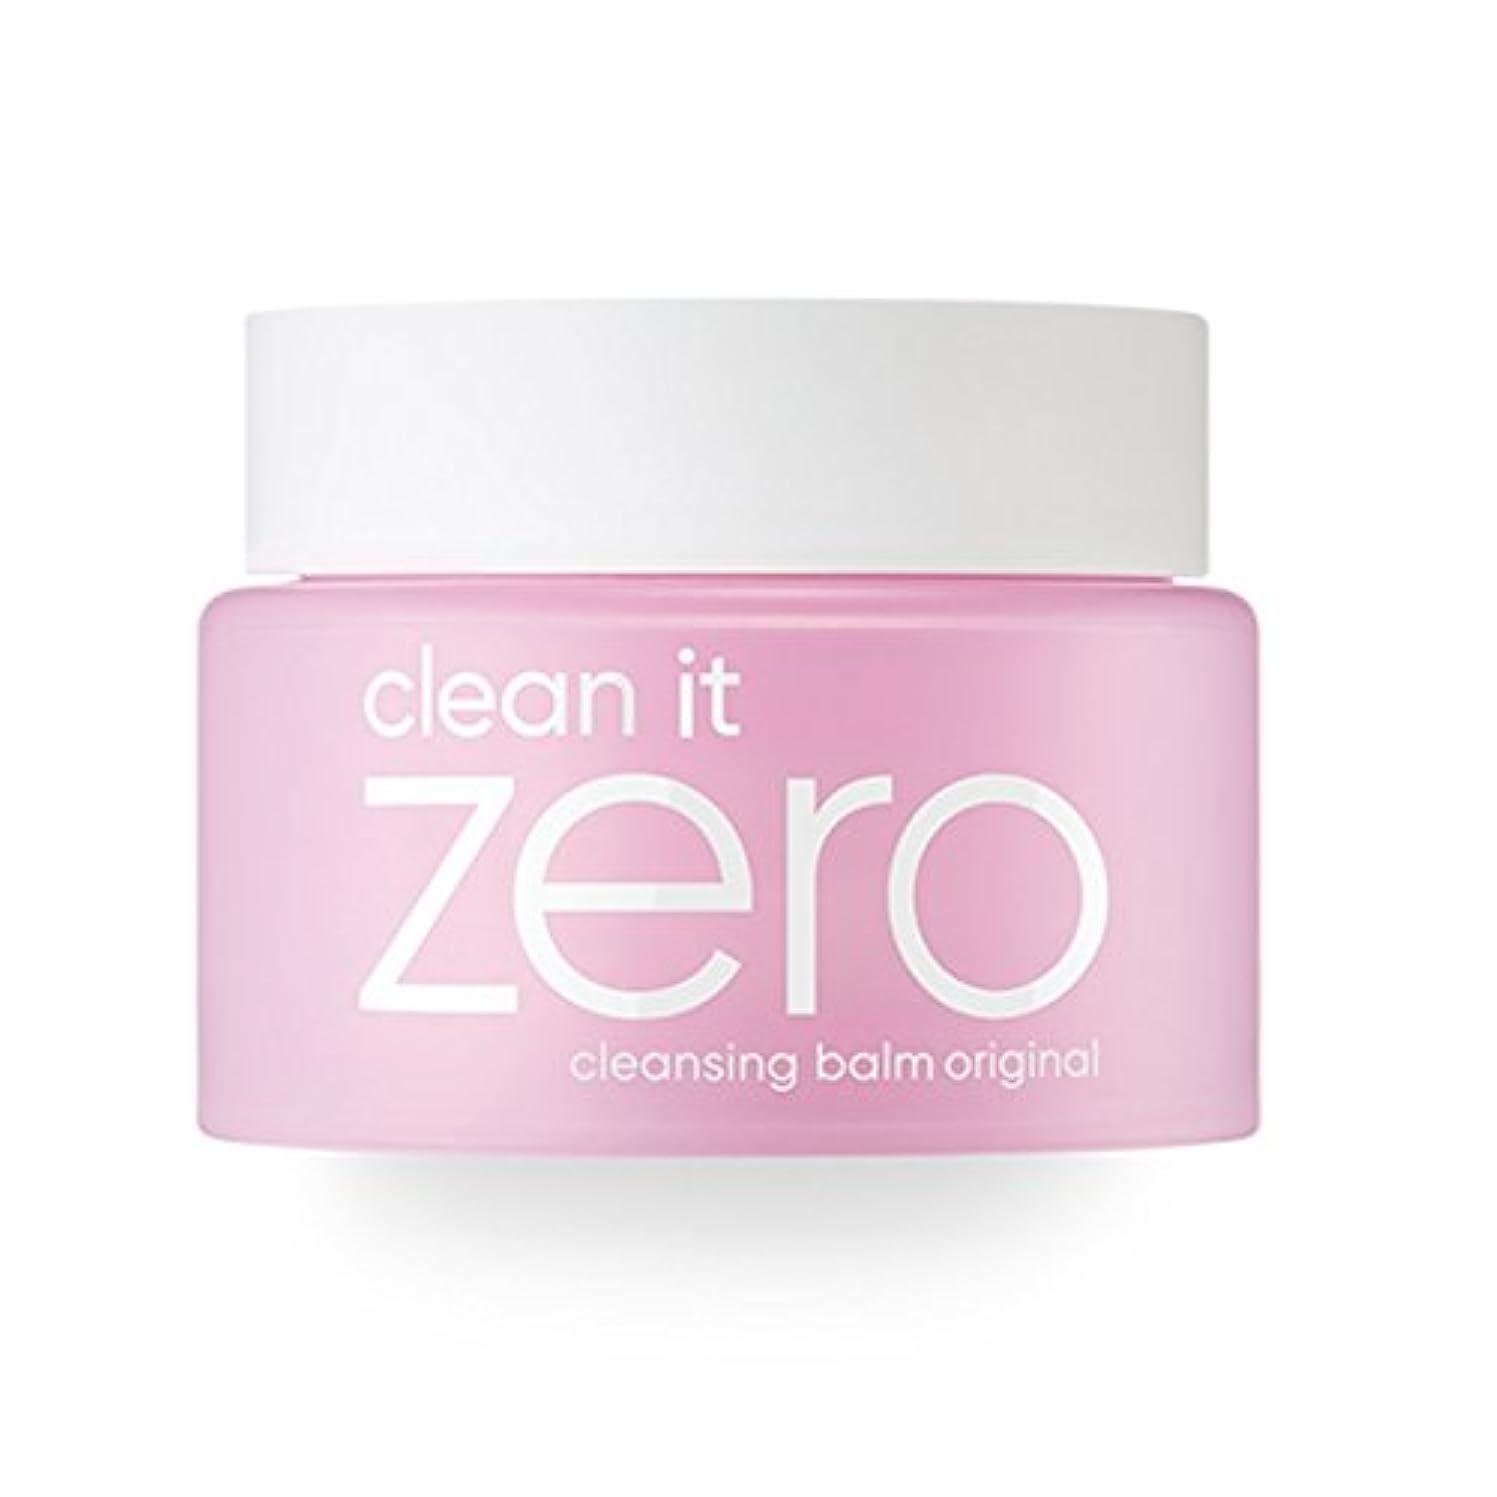 話移行するきらめきBanila.co クリーン イット ゼロ クレンジングバーム オリジナル / Clean it Zero Cleansing Balm Original (100ml)